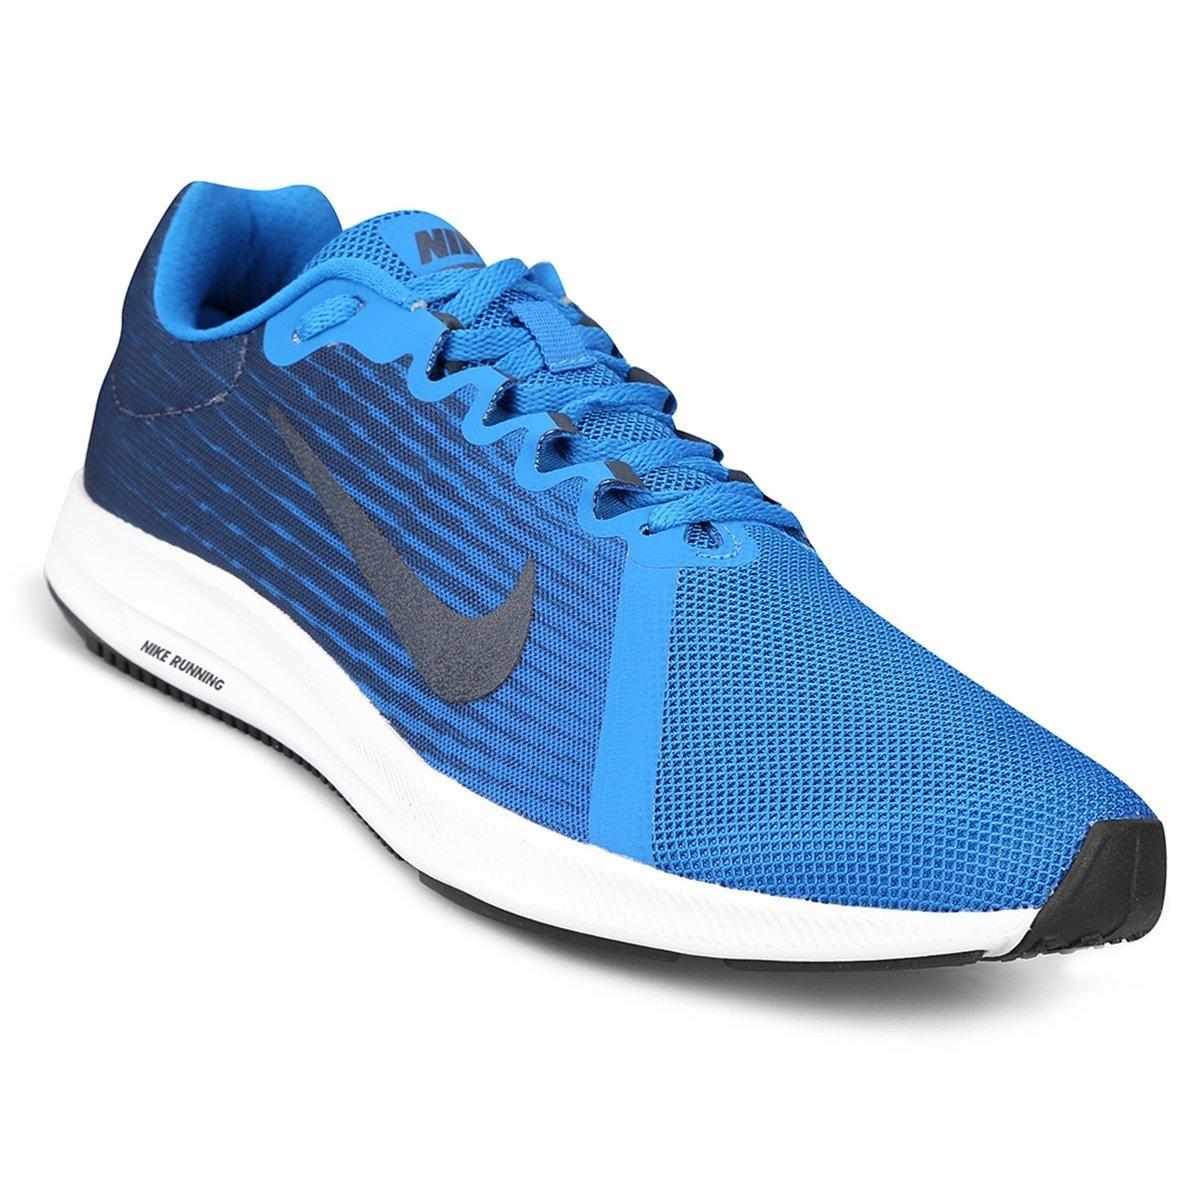 05d365f8 Zapatillas Nike Downshifter 8 - Azul - Running - $ 4.767,00 en ...